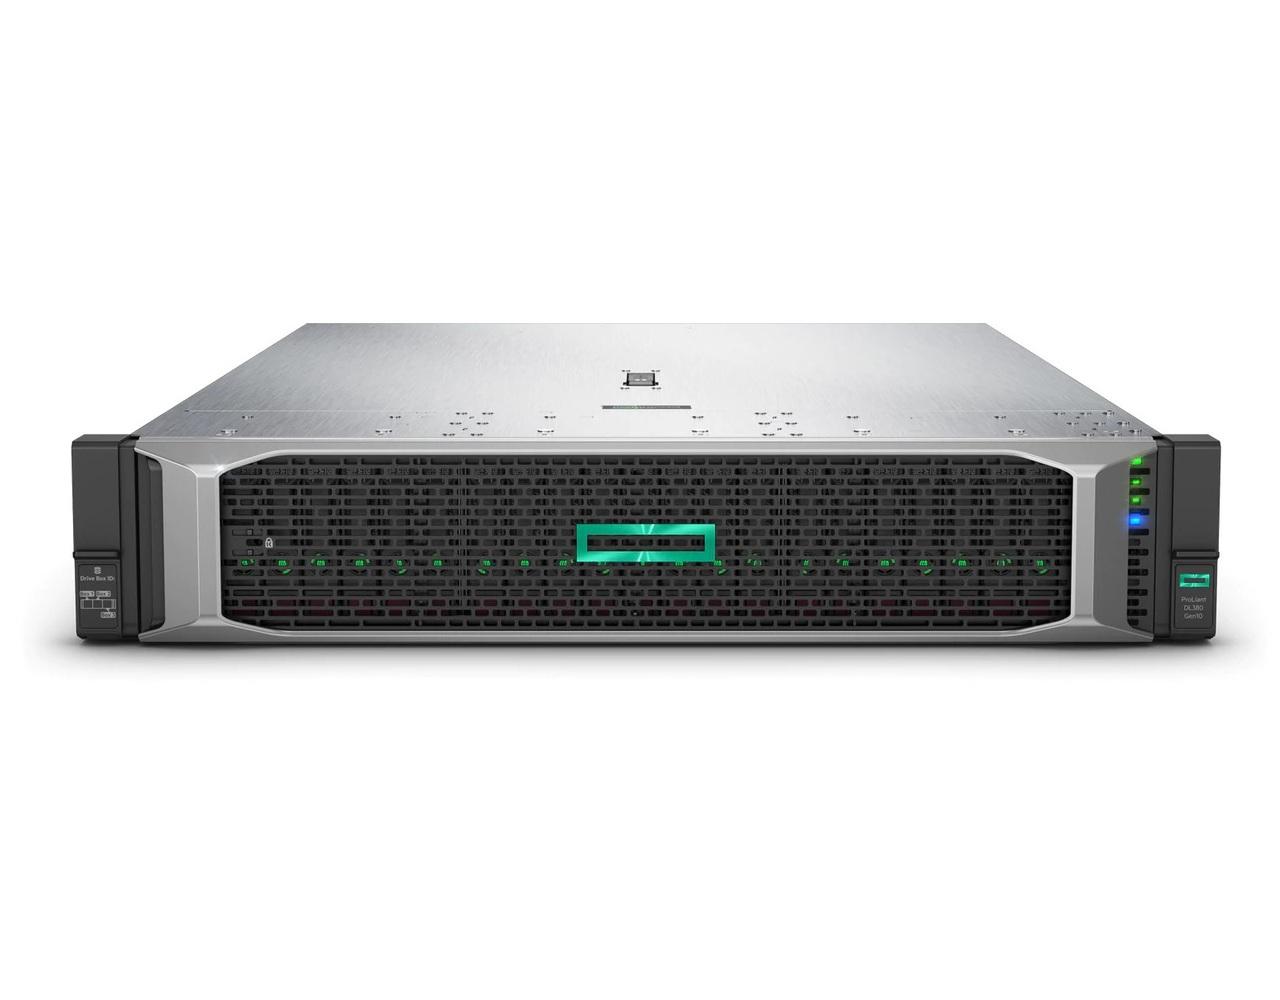 HP Enterprise ProLiant DL380 Gen10 4208 8SFF PERF WW - 2,1 GHz - 4208 - 16 GB - DDR4-SDRAM - 500 W - Rack (2U)